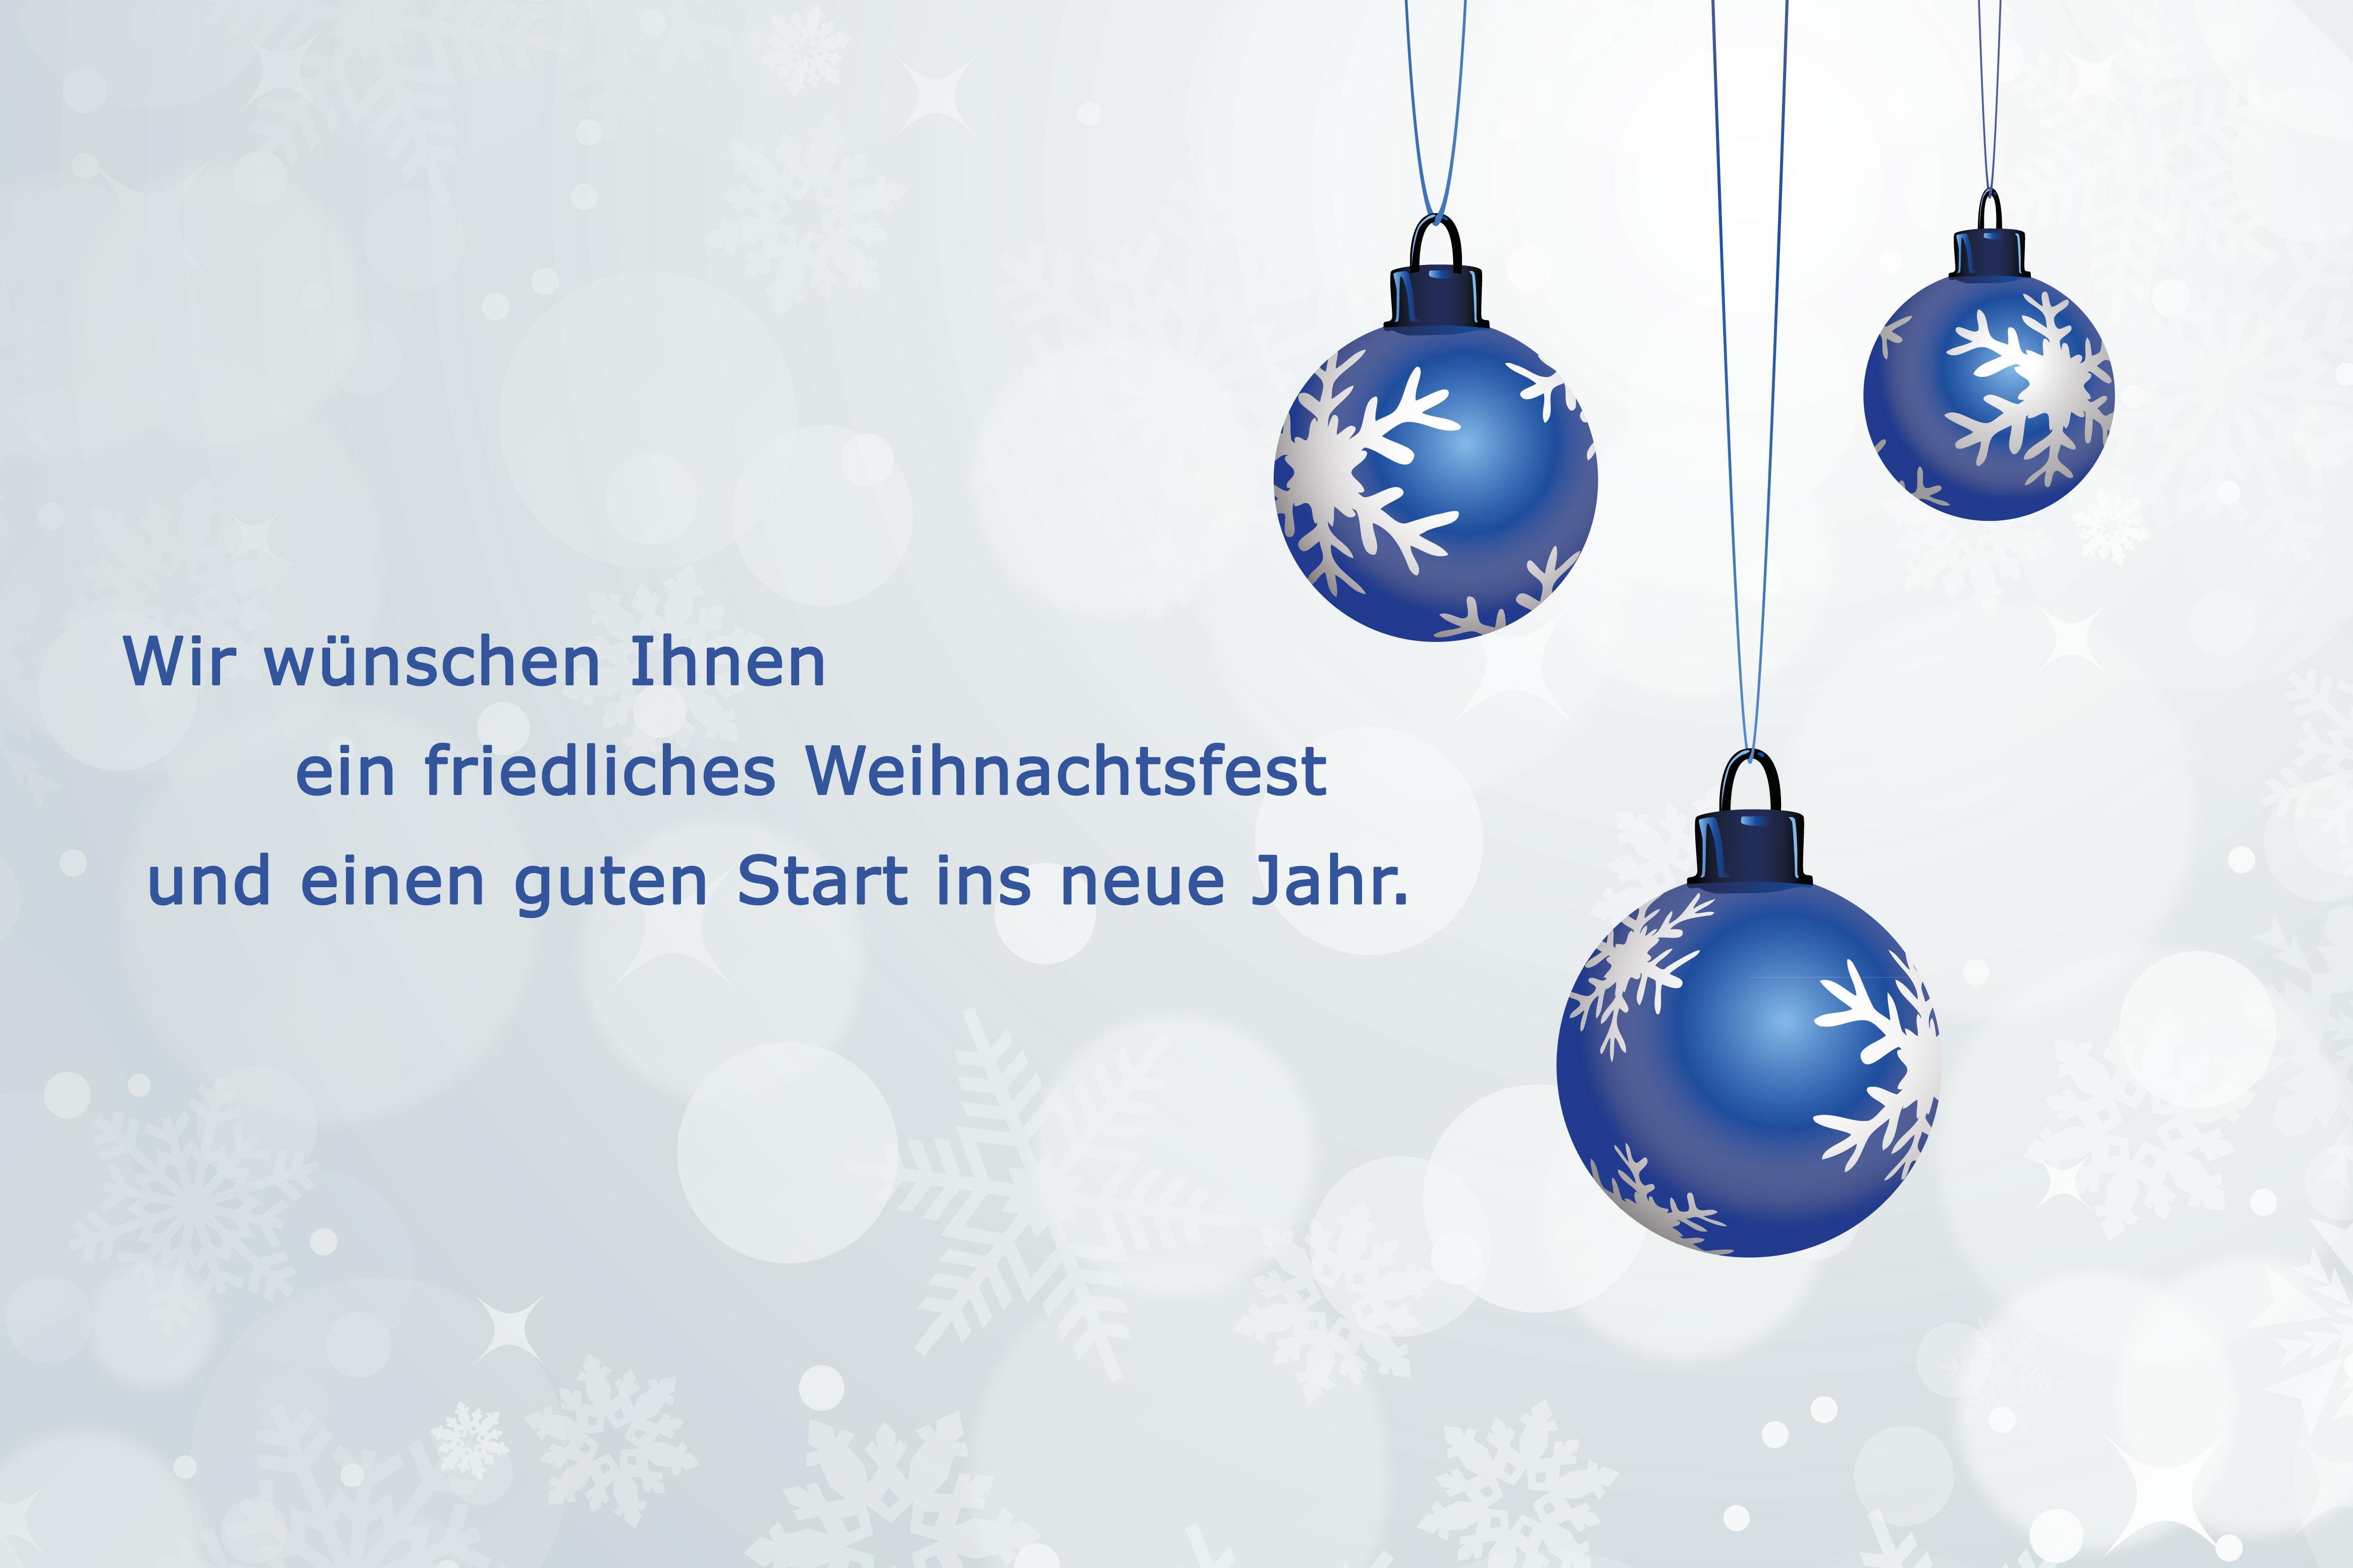 Ich Wünsche Euch Frohe Weihnachten Und Ein Gutes Neues Jahr.Frohe Weihnachten Und Einen Guten Start Ins Neue Jahr Caleg Group